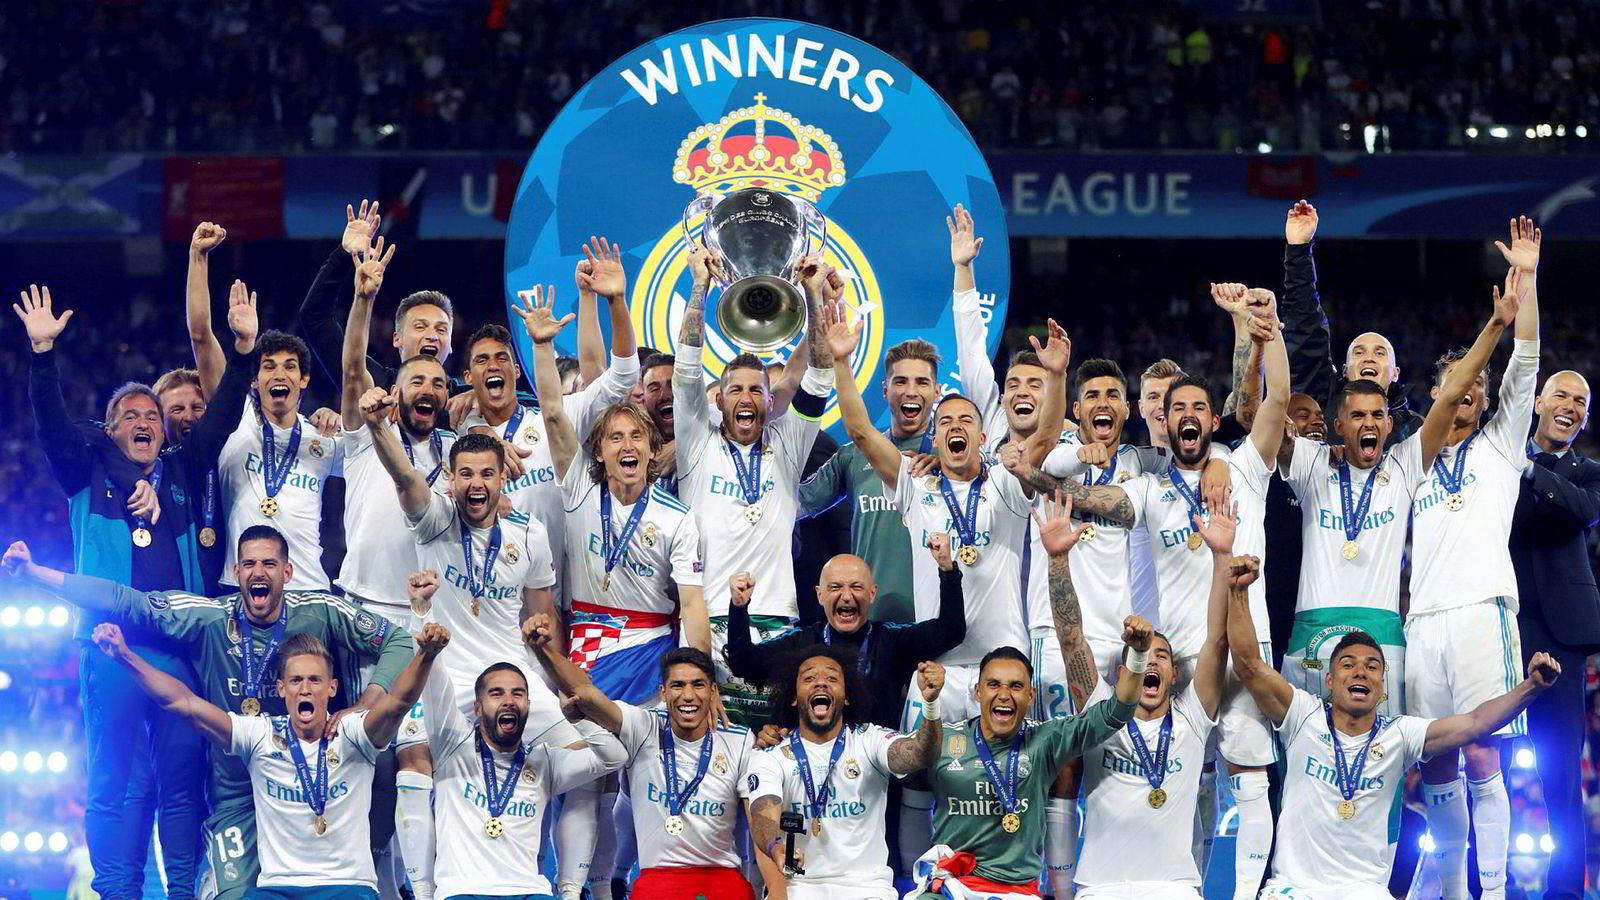 Det spanske fotball-laget Real Madrid, her etter finaleseieren over Liverpool i Champions League, Kiev, 2018.